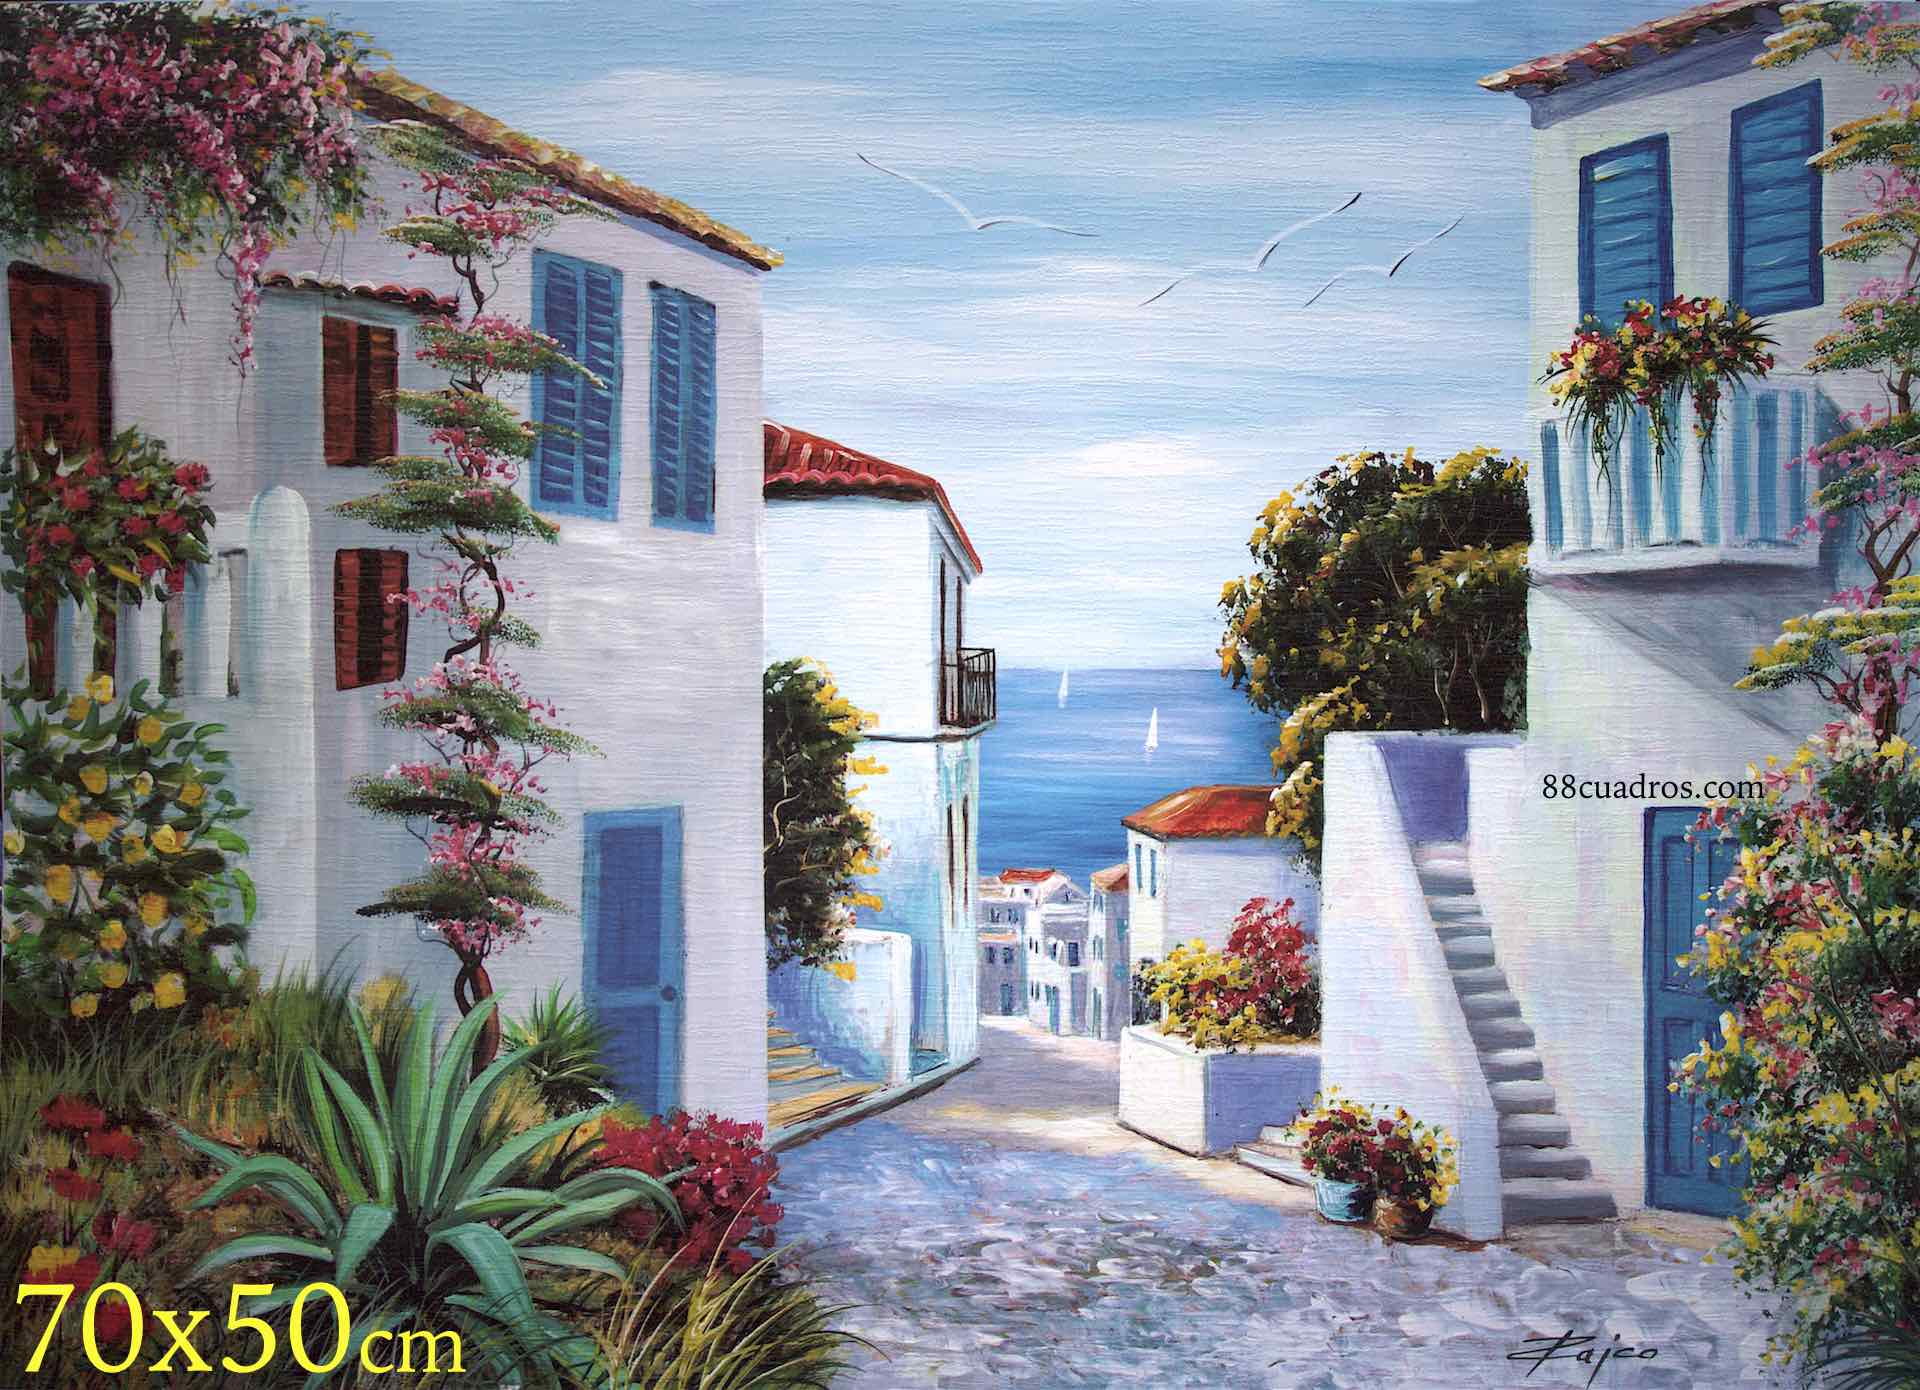 Santorini miconos 88 cuadros a 8 euros - Laminas infantiles para enmarcar ...